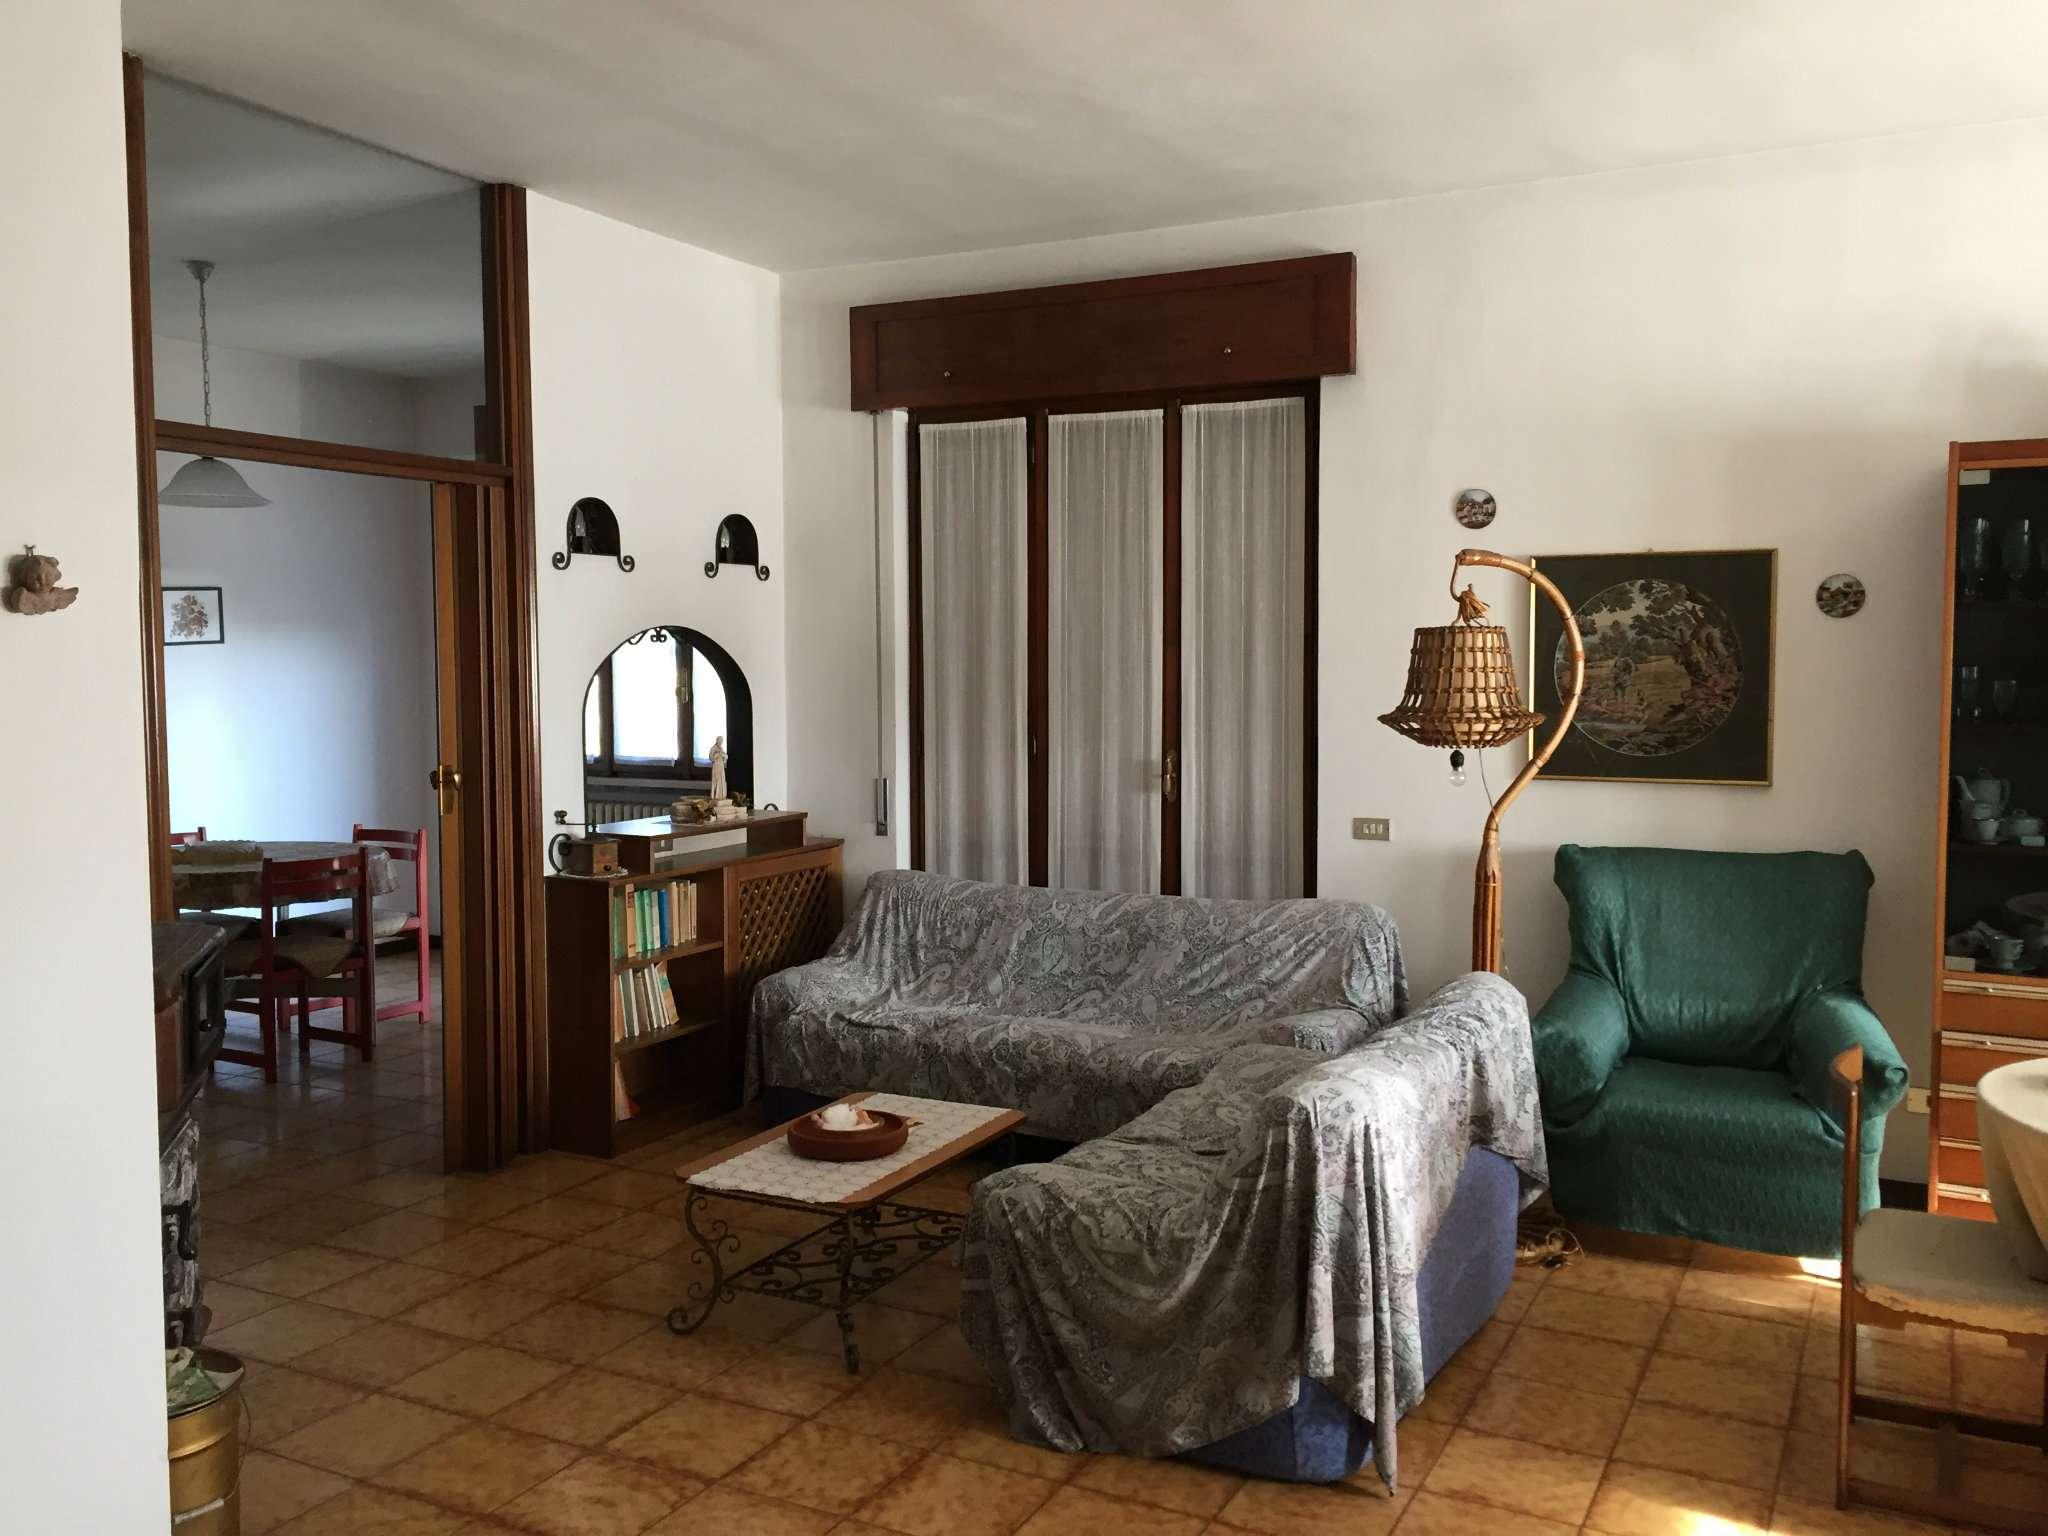 Villa in vendita a Gavirate, 4 locali, prezzo € 300.000 | CambioCasa.it